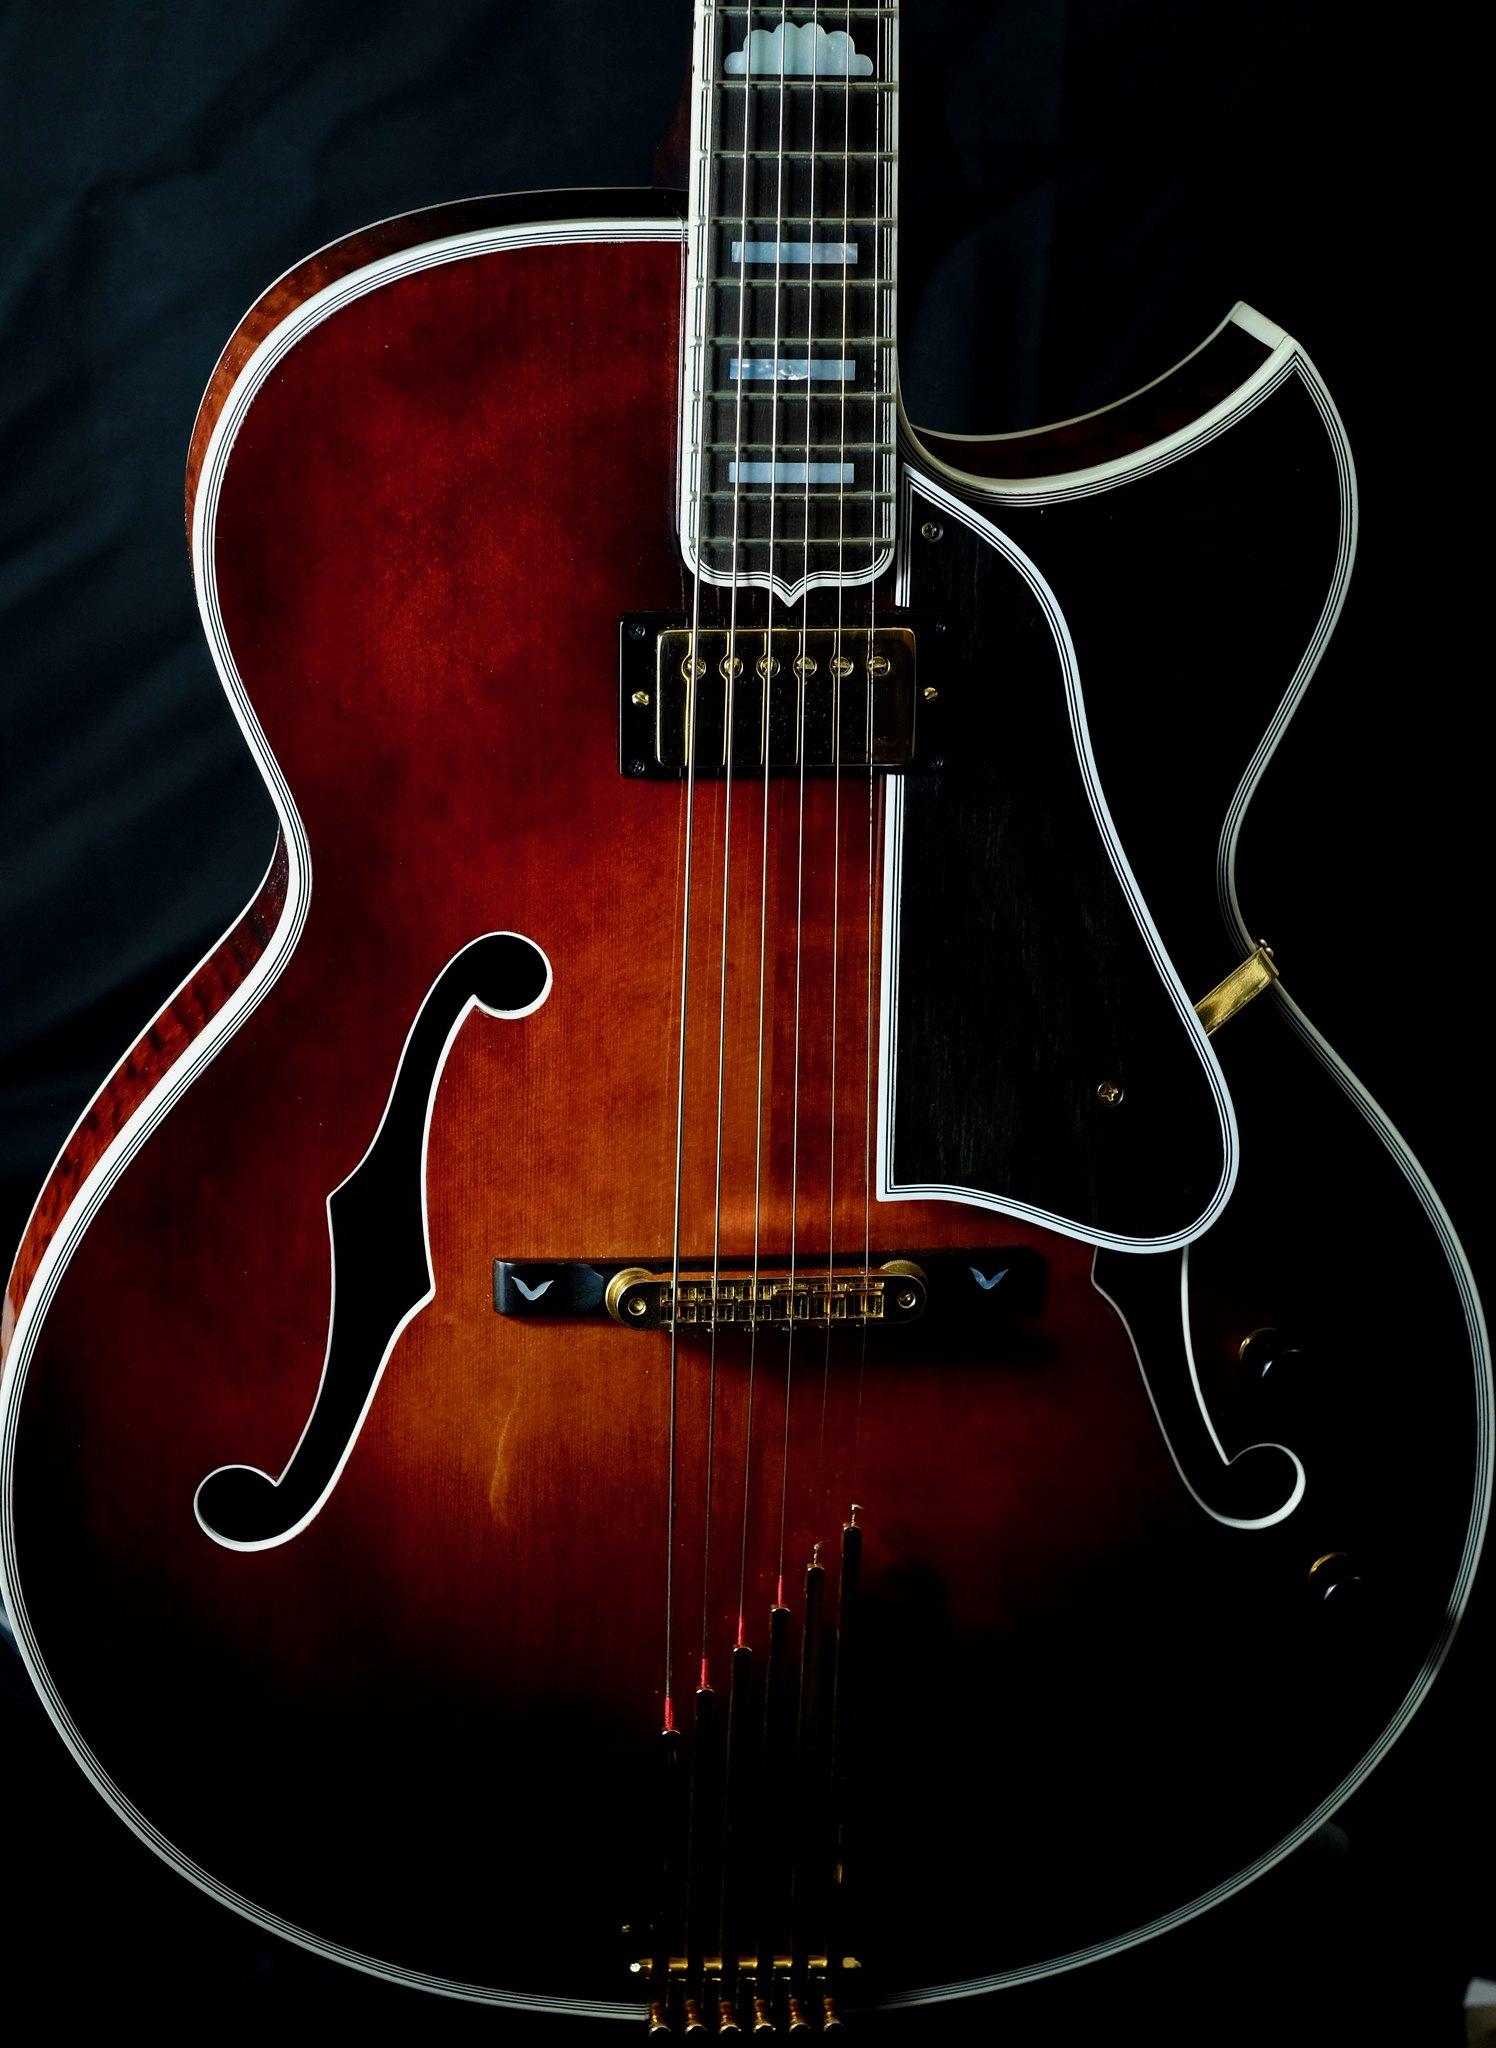 Dream guitar buying issues-736b55d8-f8ba-49e2-ae97-824da3c5536b-jpeg